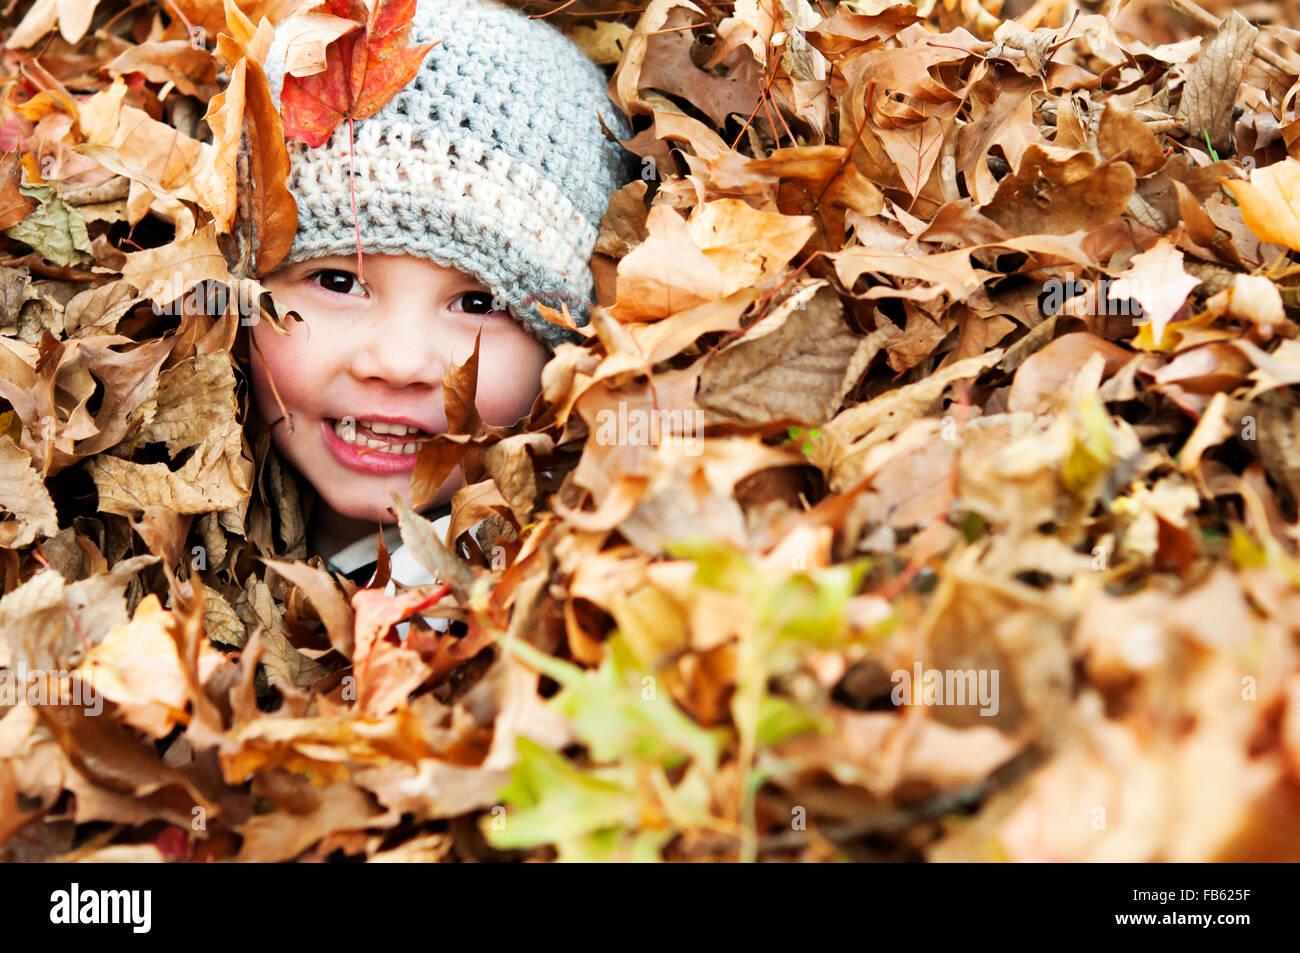 Pouco sorridente rapaz peeking fora de folhas Imagens de Stock